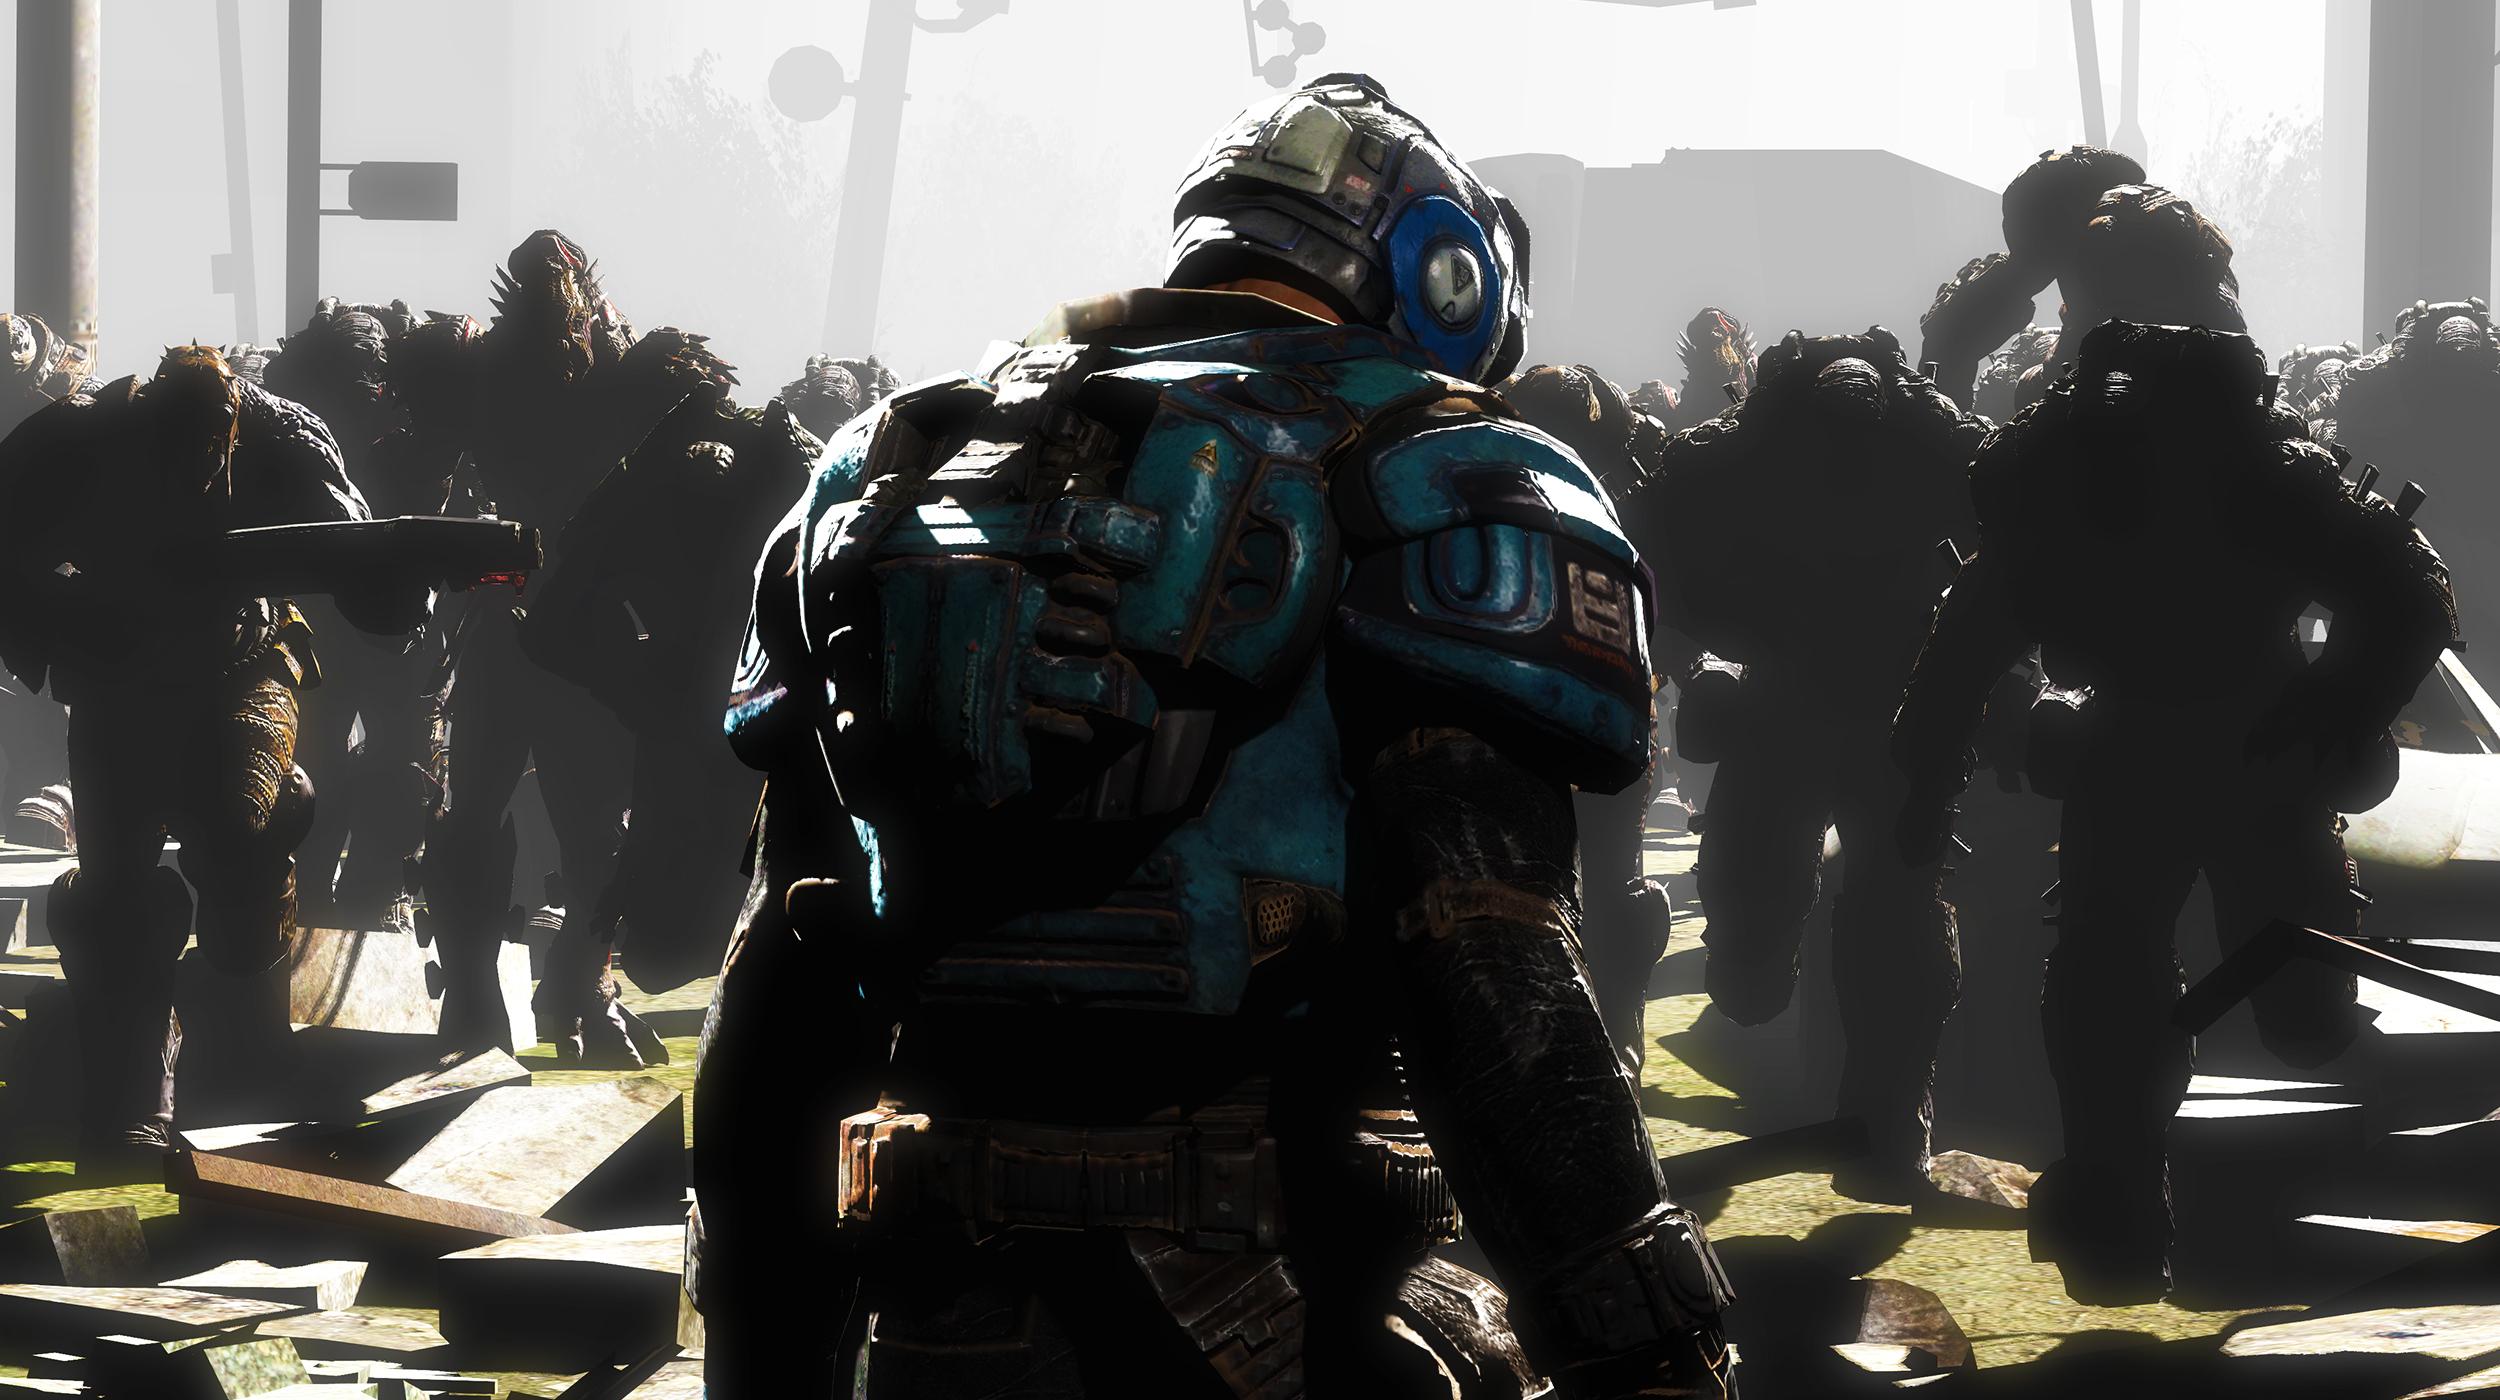 War Robot Games War Warriors Armor Games